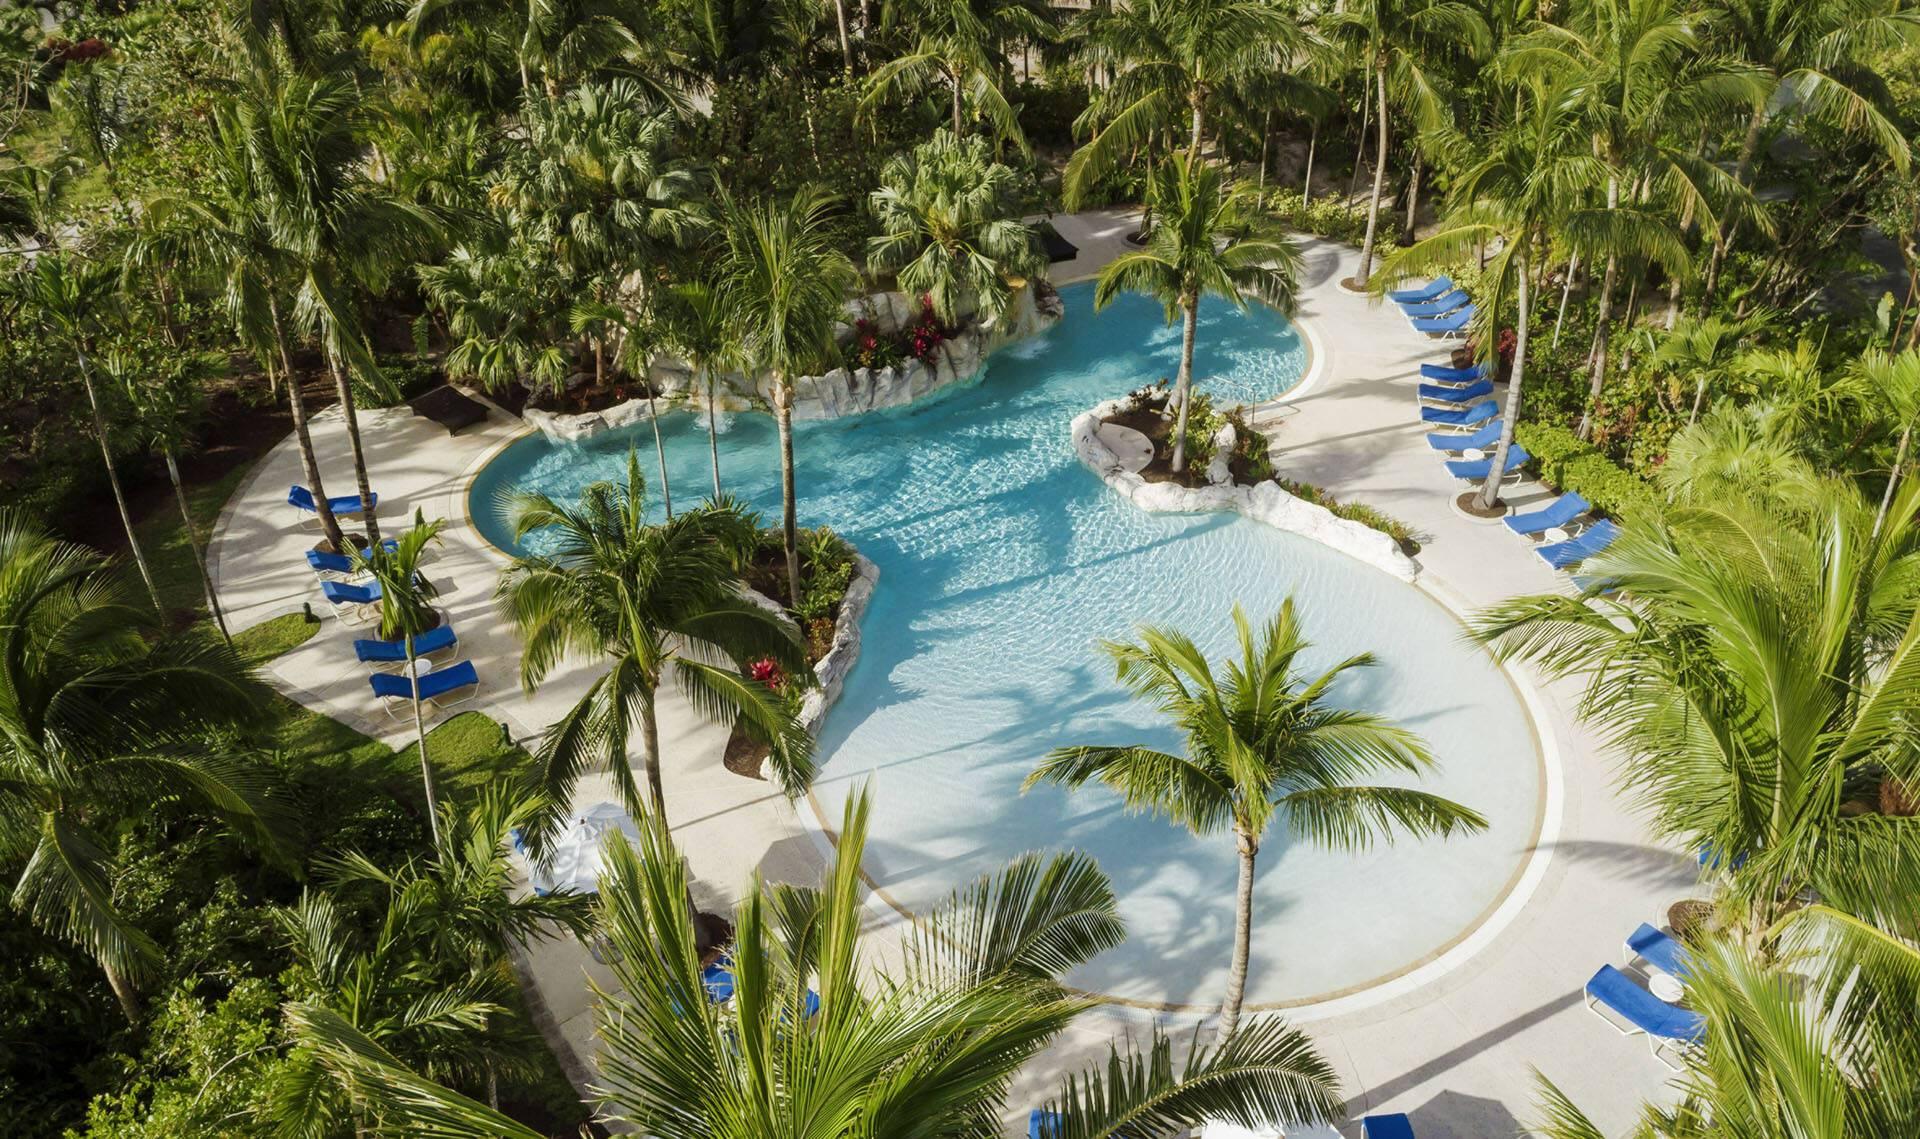 Ocean Club Four Seasons Bahamas Piscine